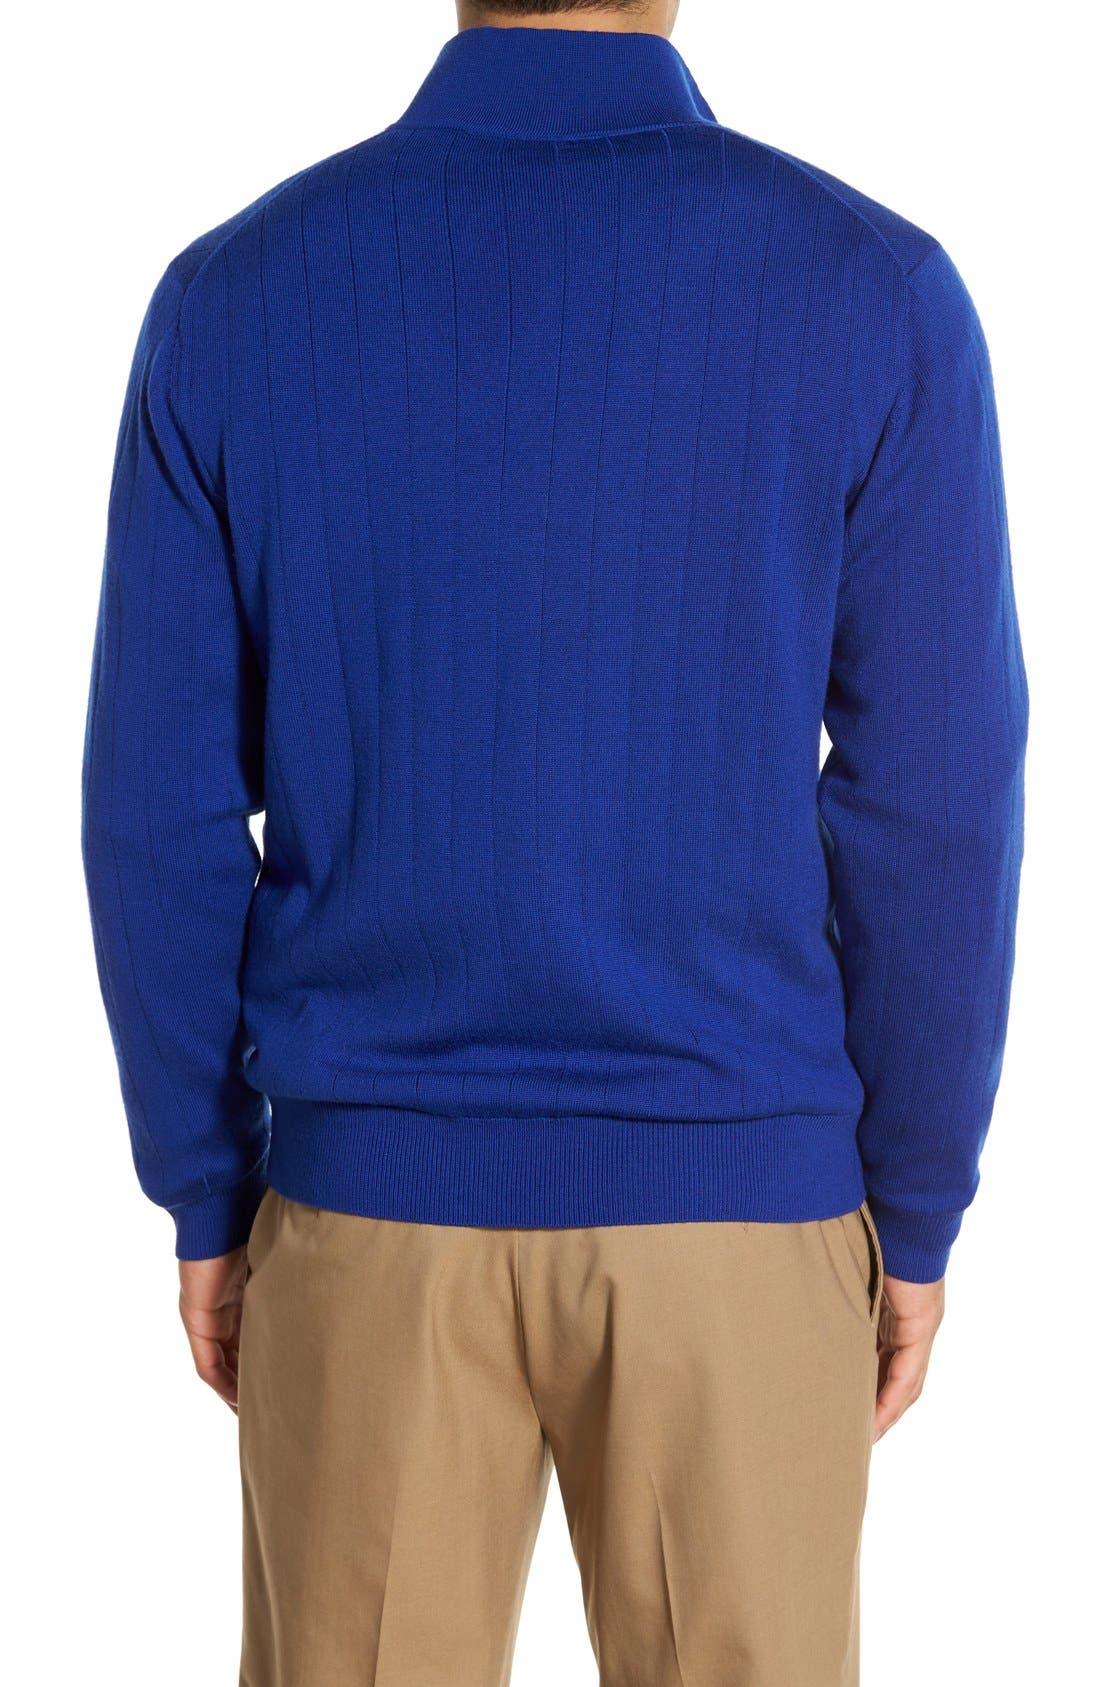 Alternate Image 2  - Bobby Jones Windproof Merino Wool Quarter Zip Sweater